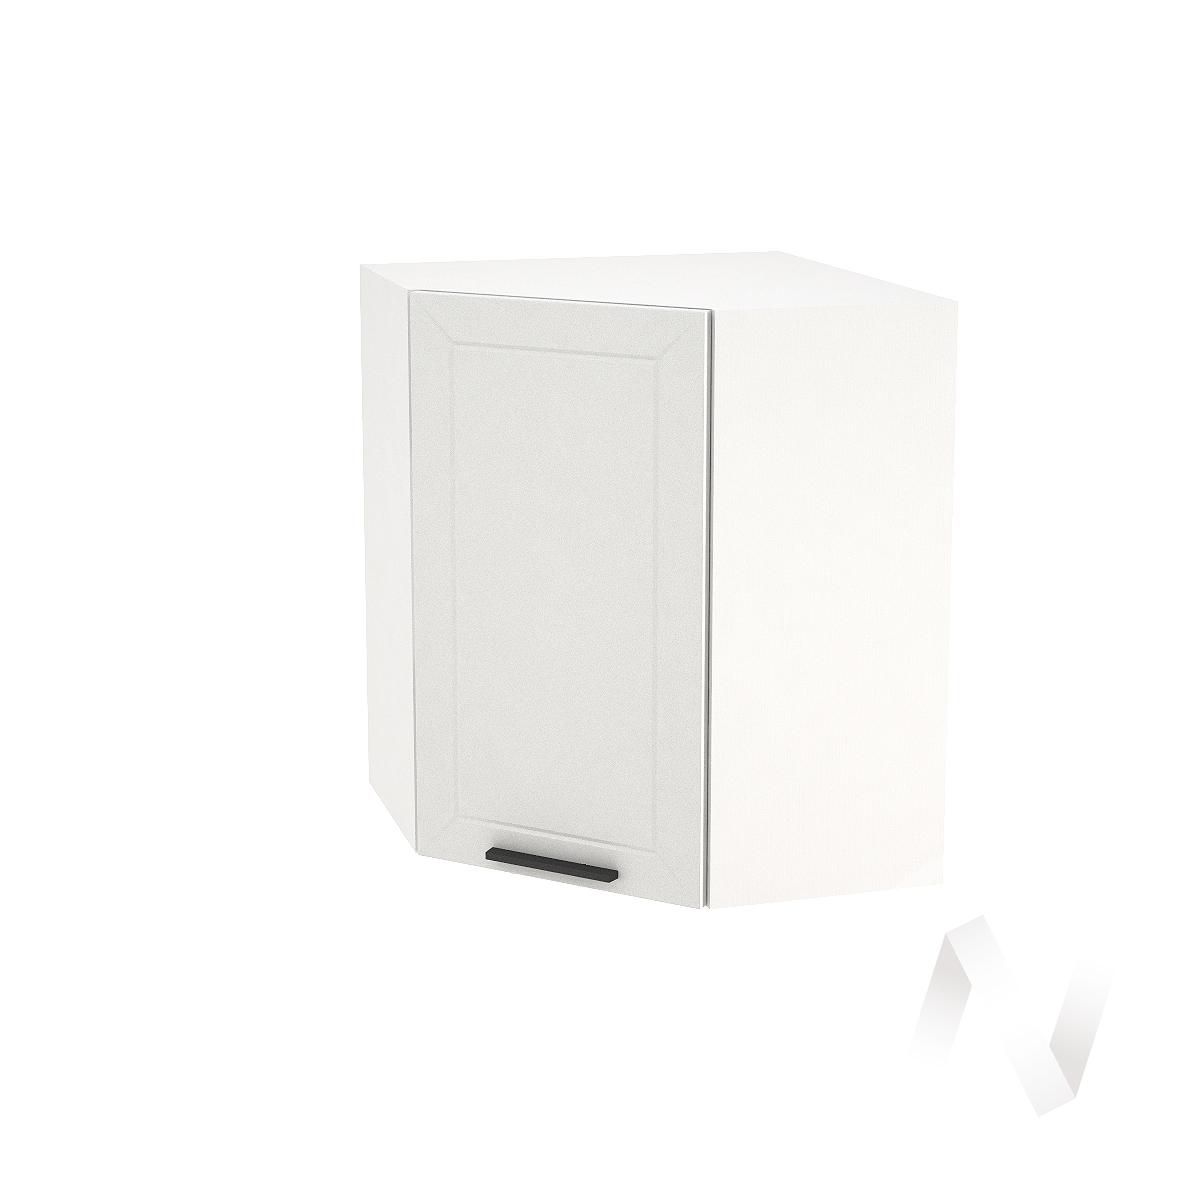 """Кухня """"Глетчер"""": Шкаф верхний угловой 590, ШВУ 590 (Айленд Силк/корпус белый)"""